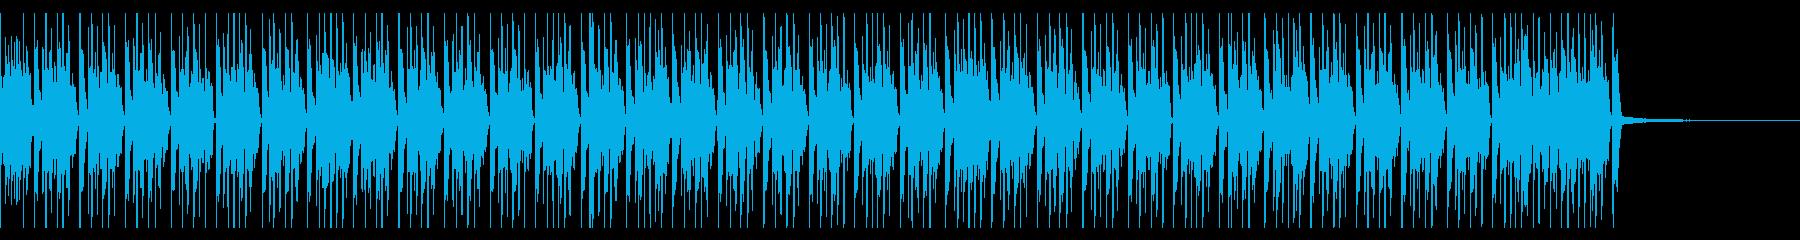 わくわく感 ごきげんなソロドラムの再生済みの波形